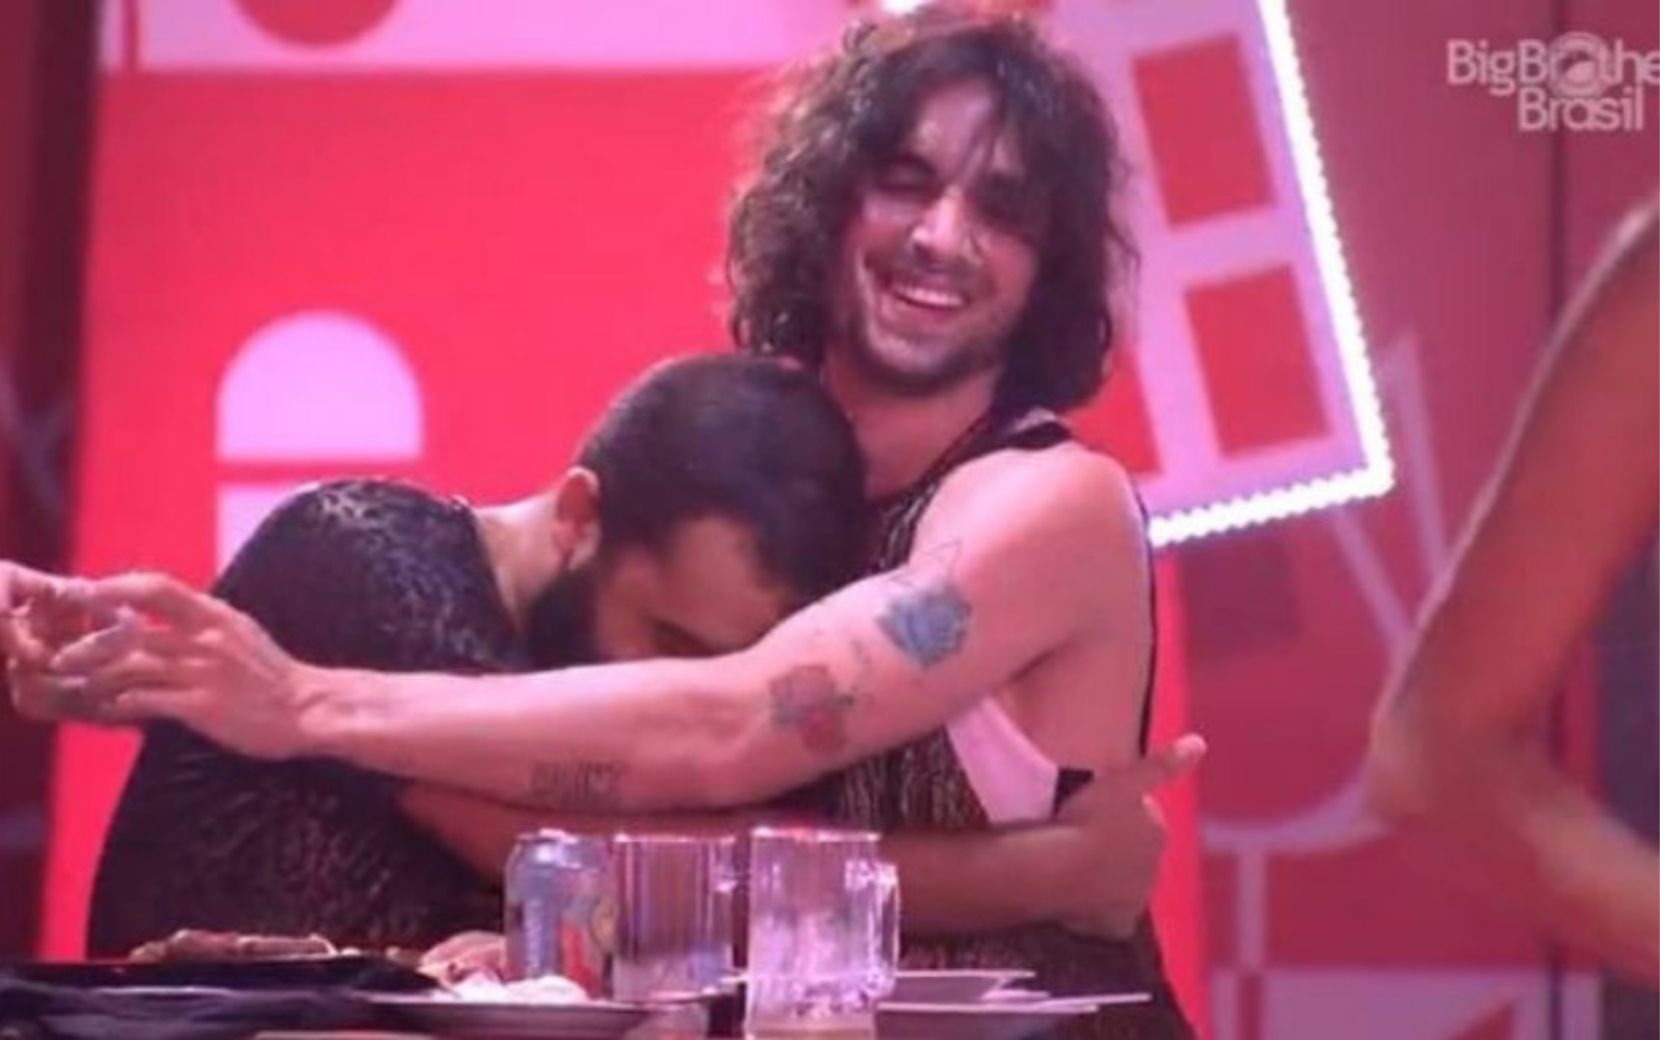 Fim do G3 no BBB21: Gilberto e Sarah querem trocar Juliette por Fiuk no pódio